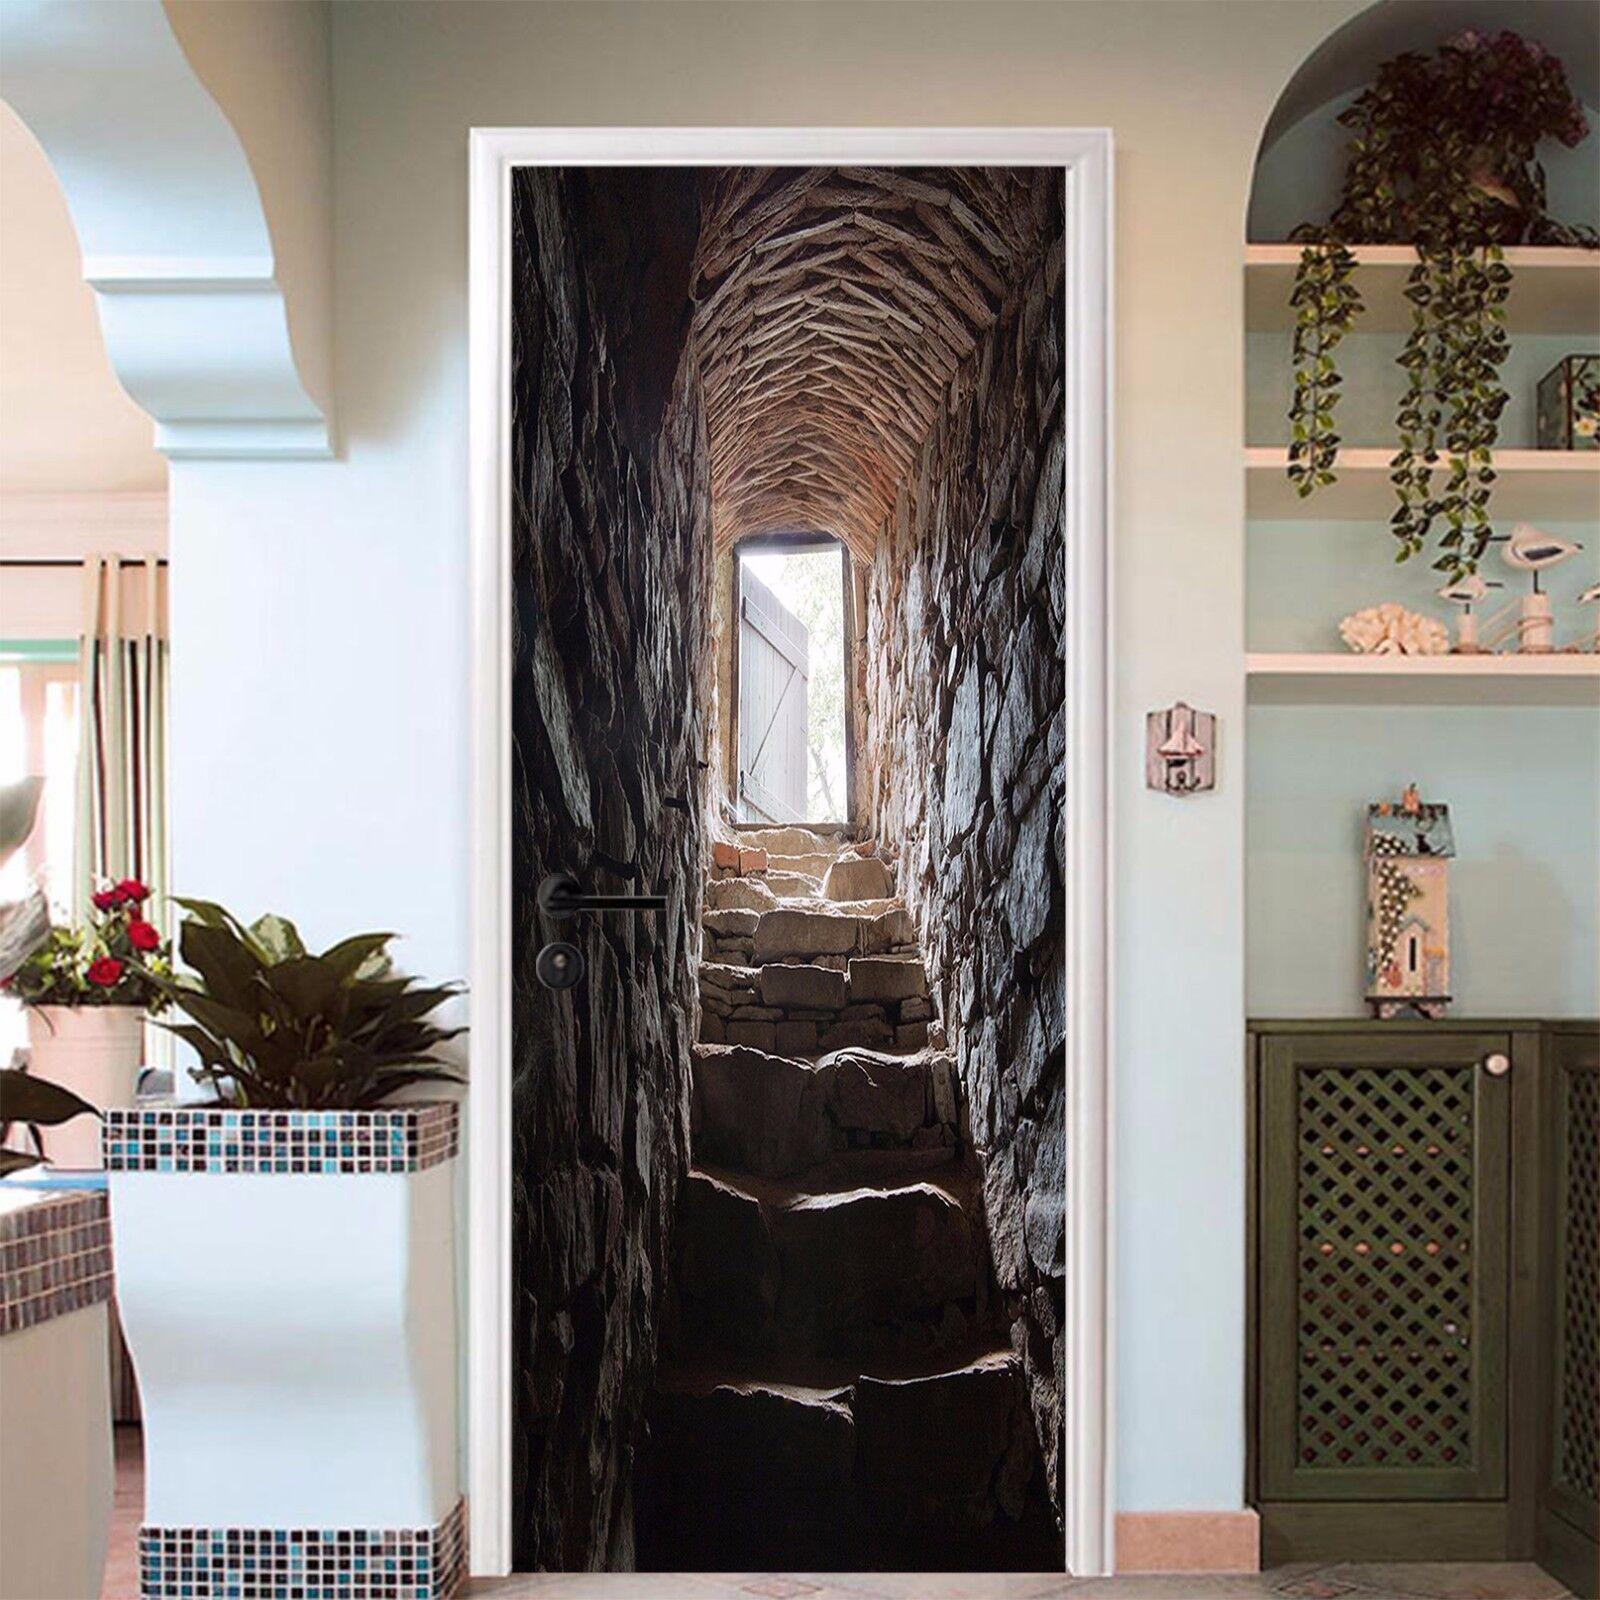 3D Schritte 763 Tür Wandmalerei Wandaufkleber Aufkleber AJ WALLPAPER DE Kyra